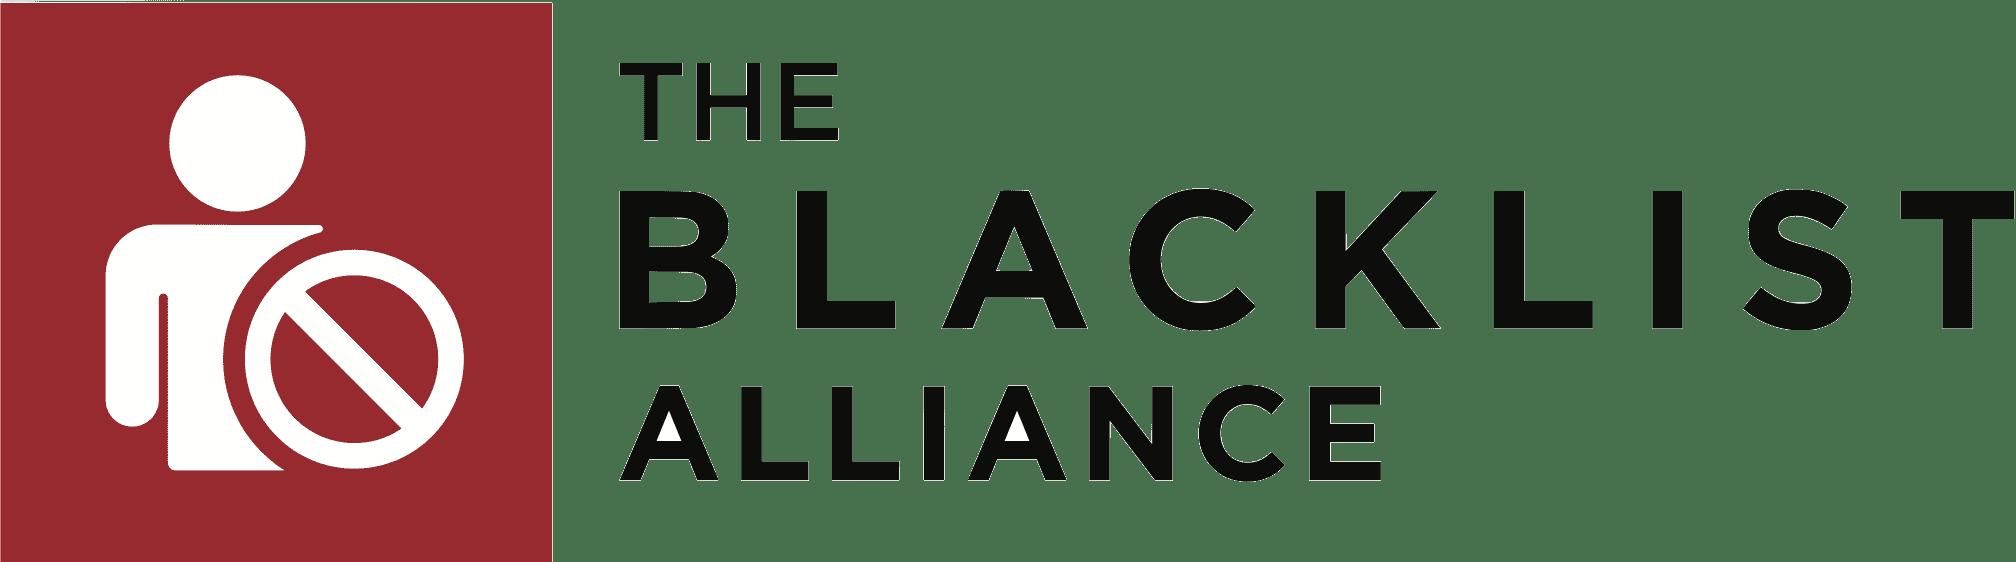 Blacklist Alliance